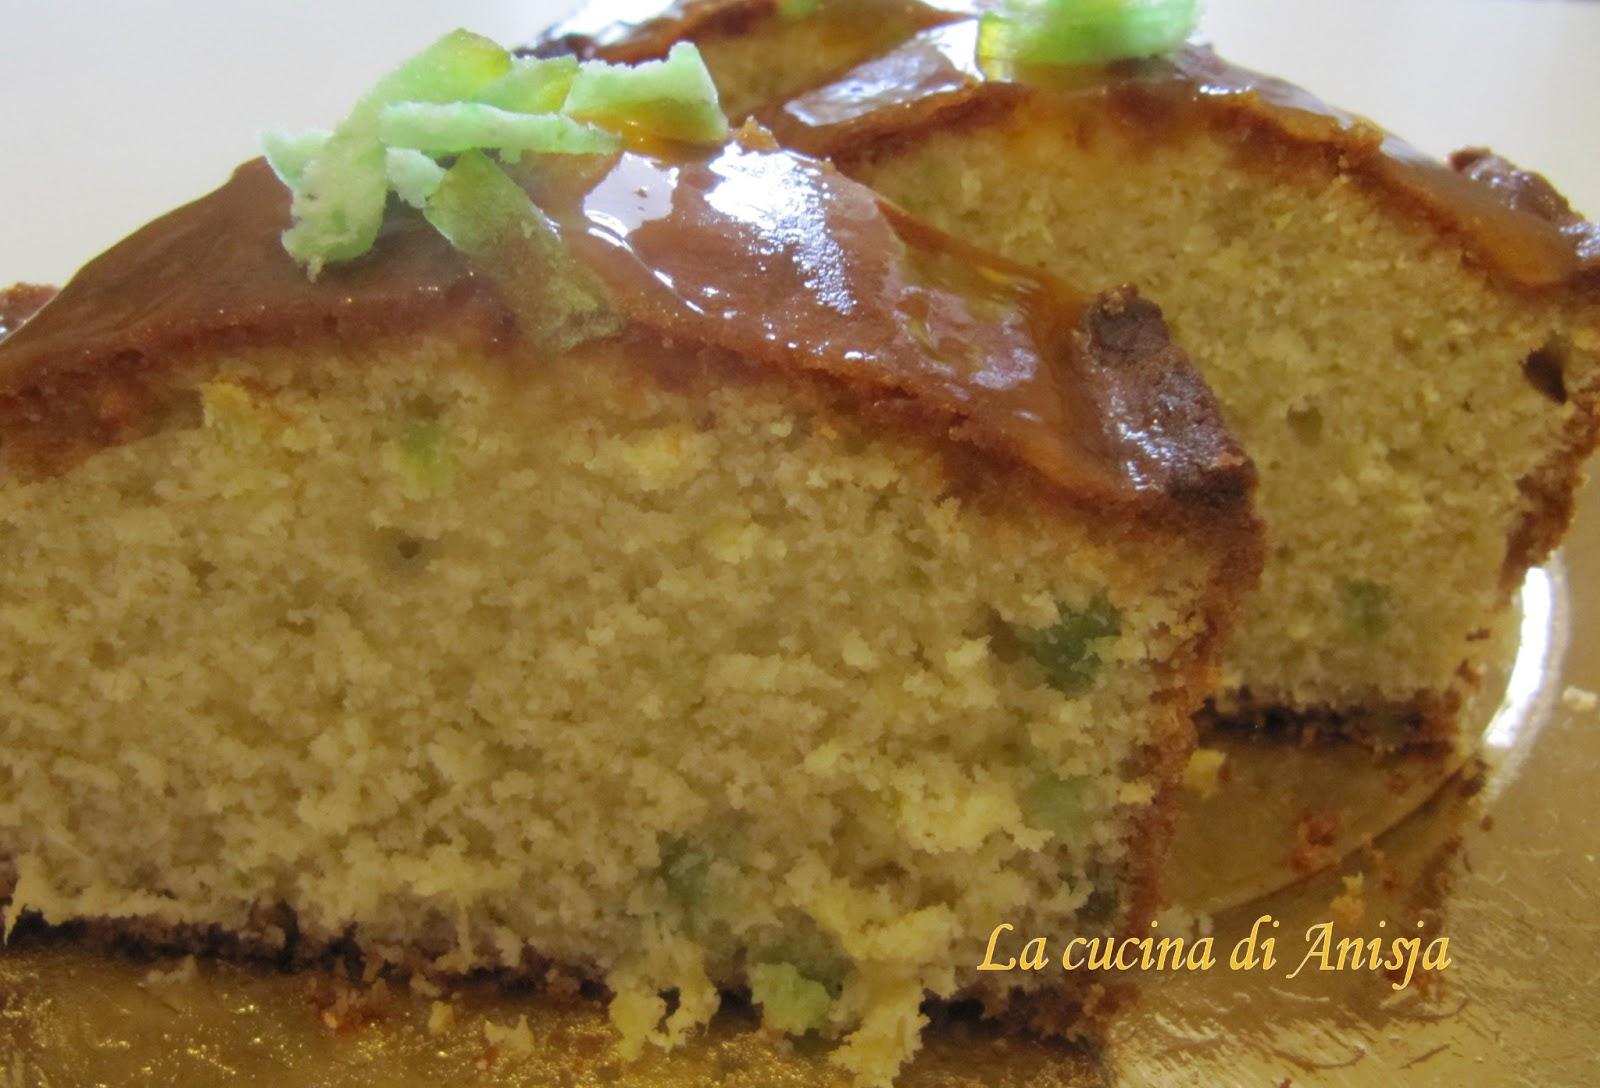 La Cucina Di Anisja: Plumcake Zenzero E Pomelo #A88D23 1600 1088 Ricette Di Cucina Disegni